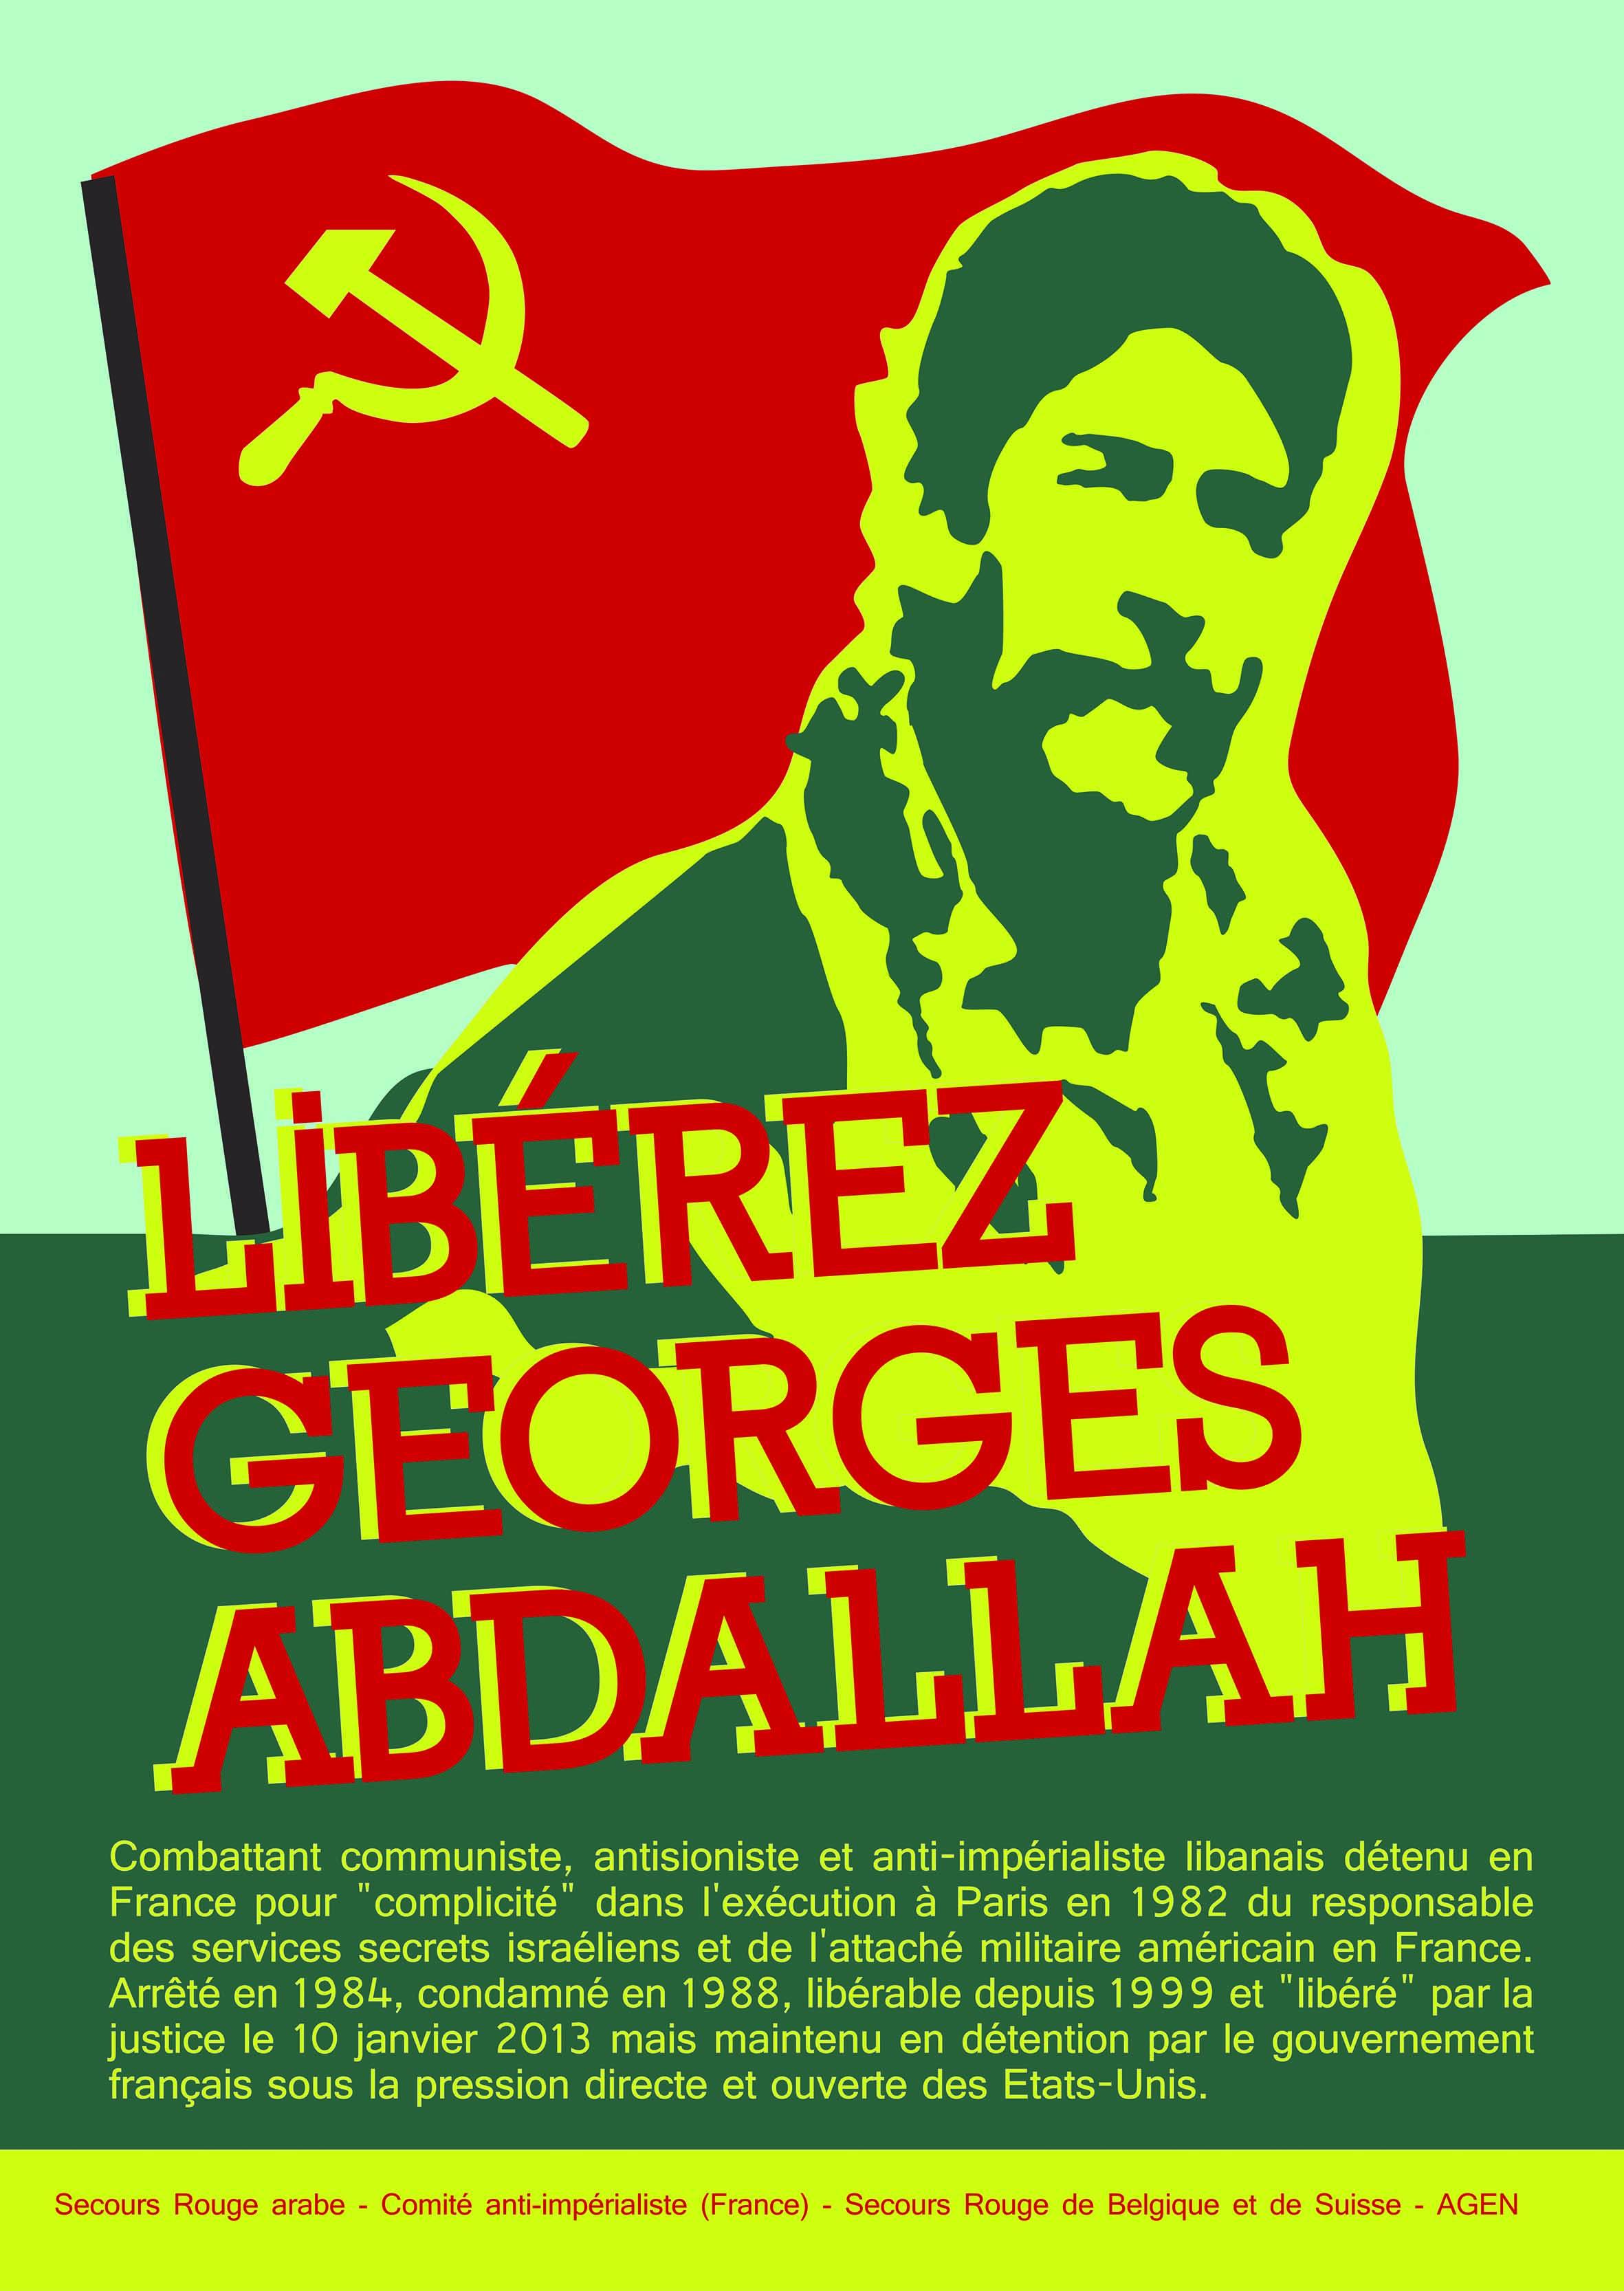 Affiche pour la libération de Georges Ibrahim Abdallah